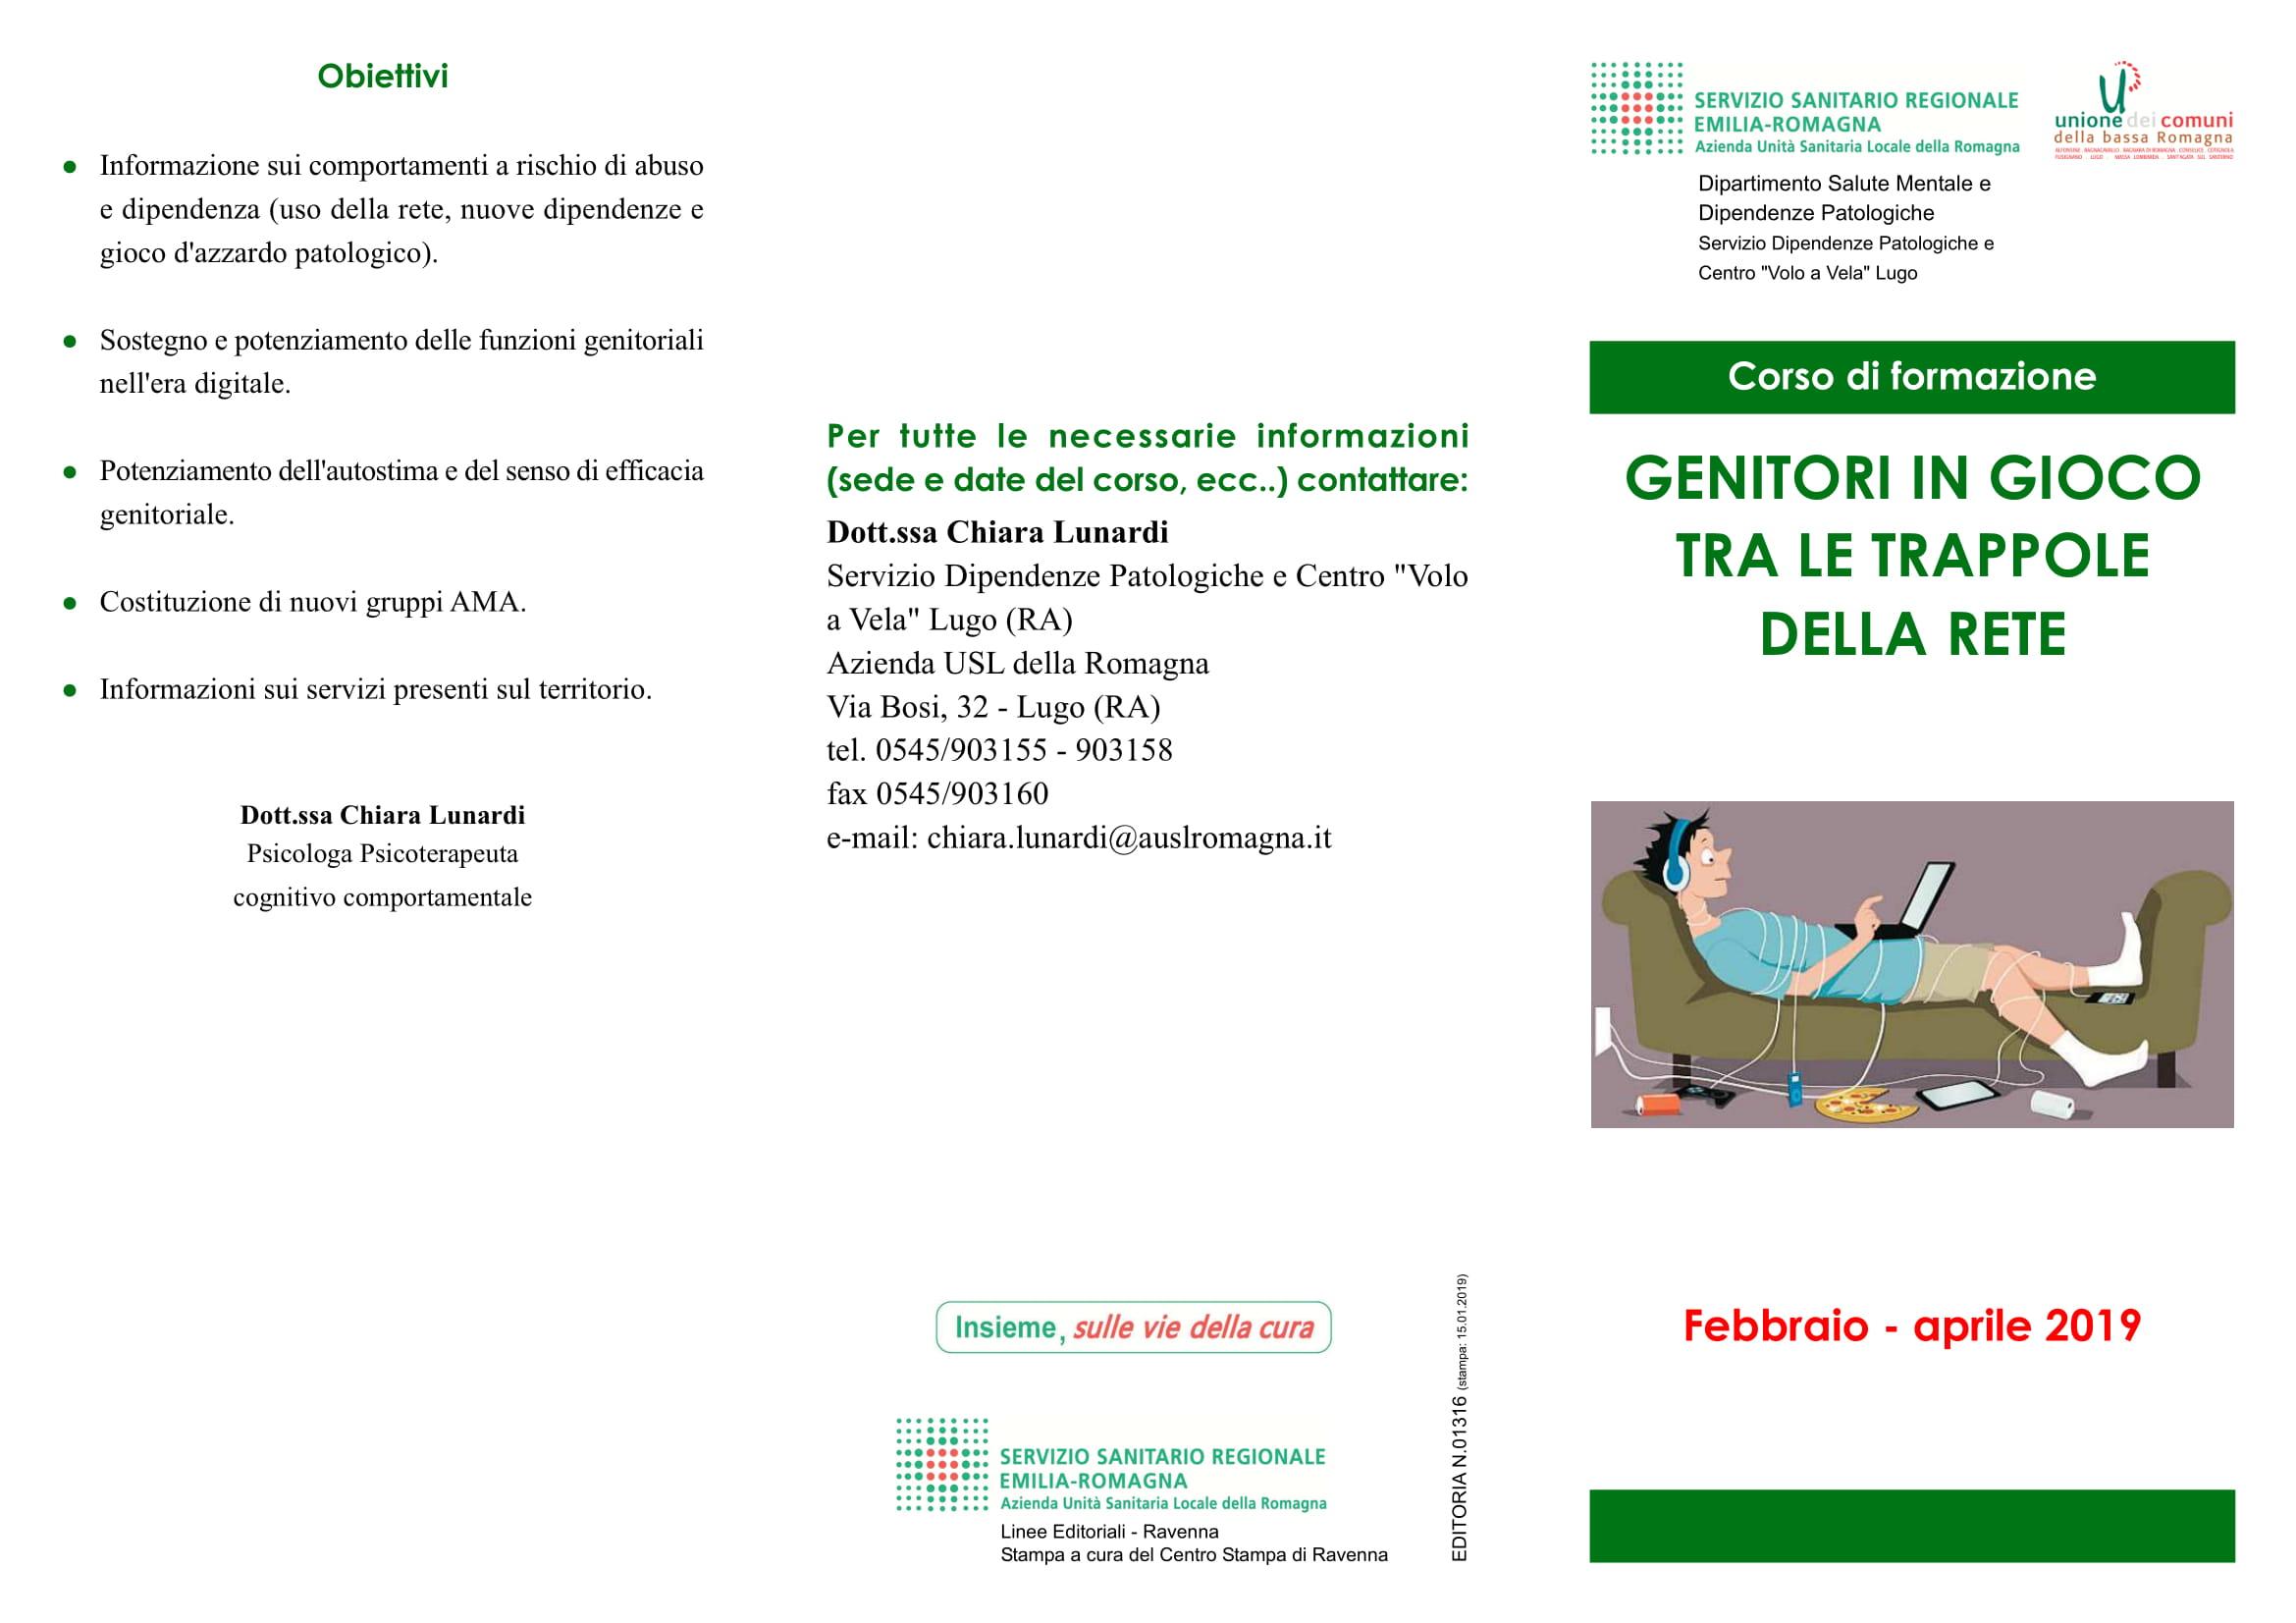 Unione Gioco Patologico E Nuove Dipendenze Al Via Un Corso Di Formazione Per Genitori Di Adolescenti Auser Ravenna